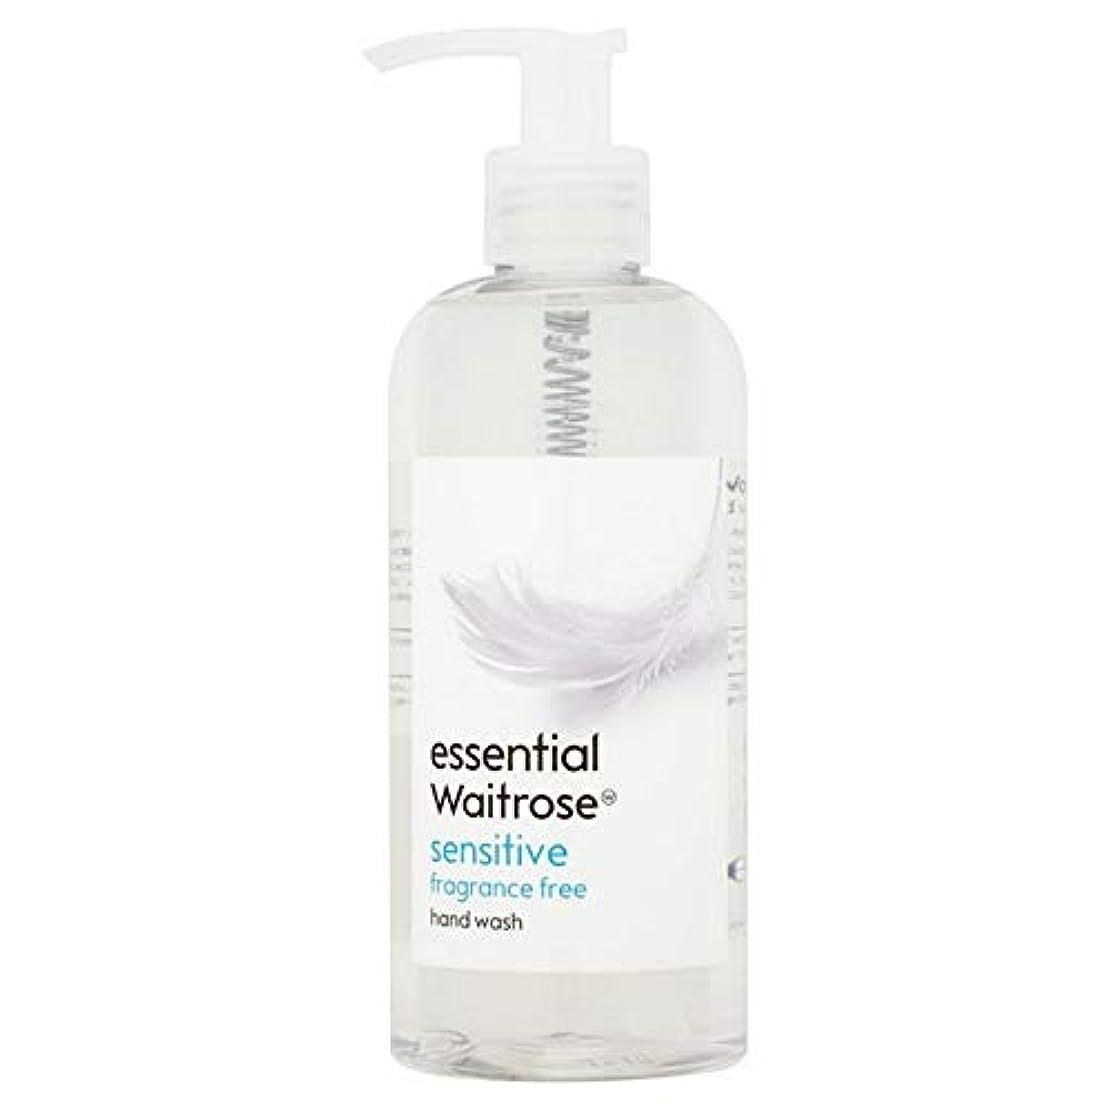 キャンプ不公平熟達[Waitrose ] 基本的なウェイトローズのハンドウォッシュ敏感な300ミリリットル - Essential Waitrose Hand Wash Sensitive 300ml [並行輸入品]